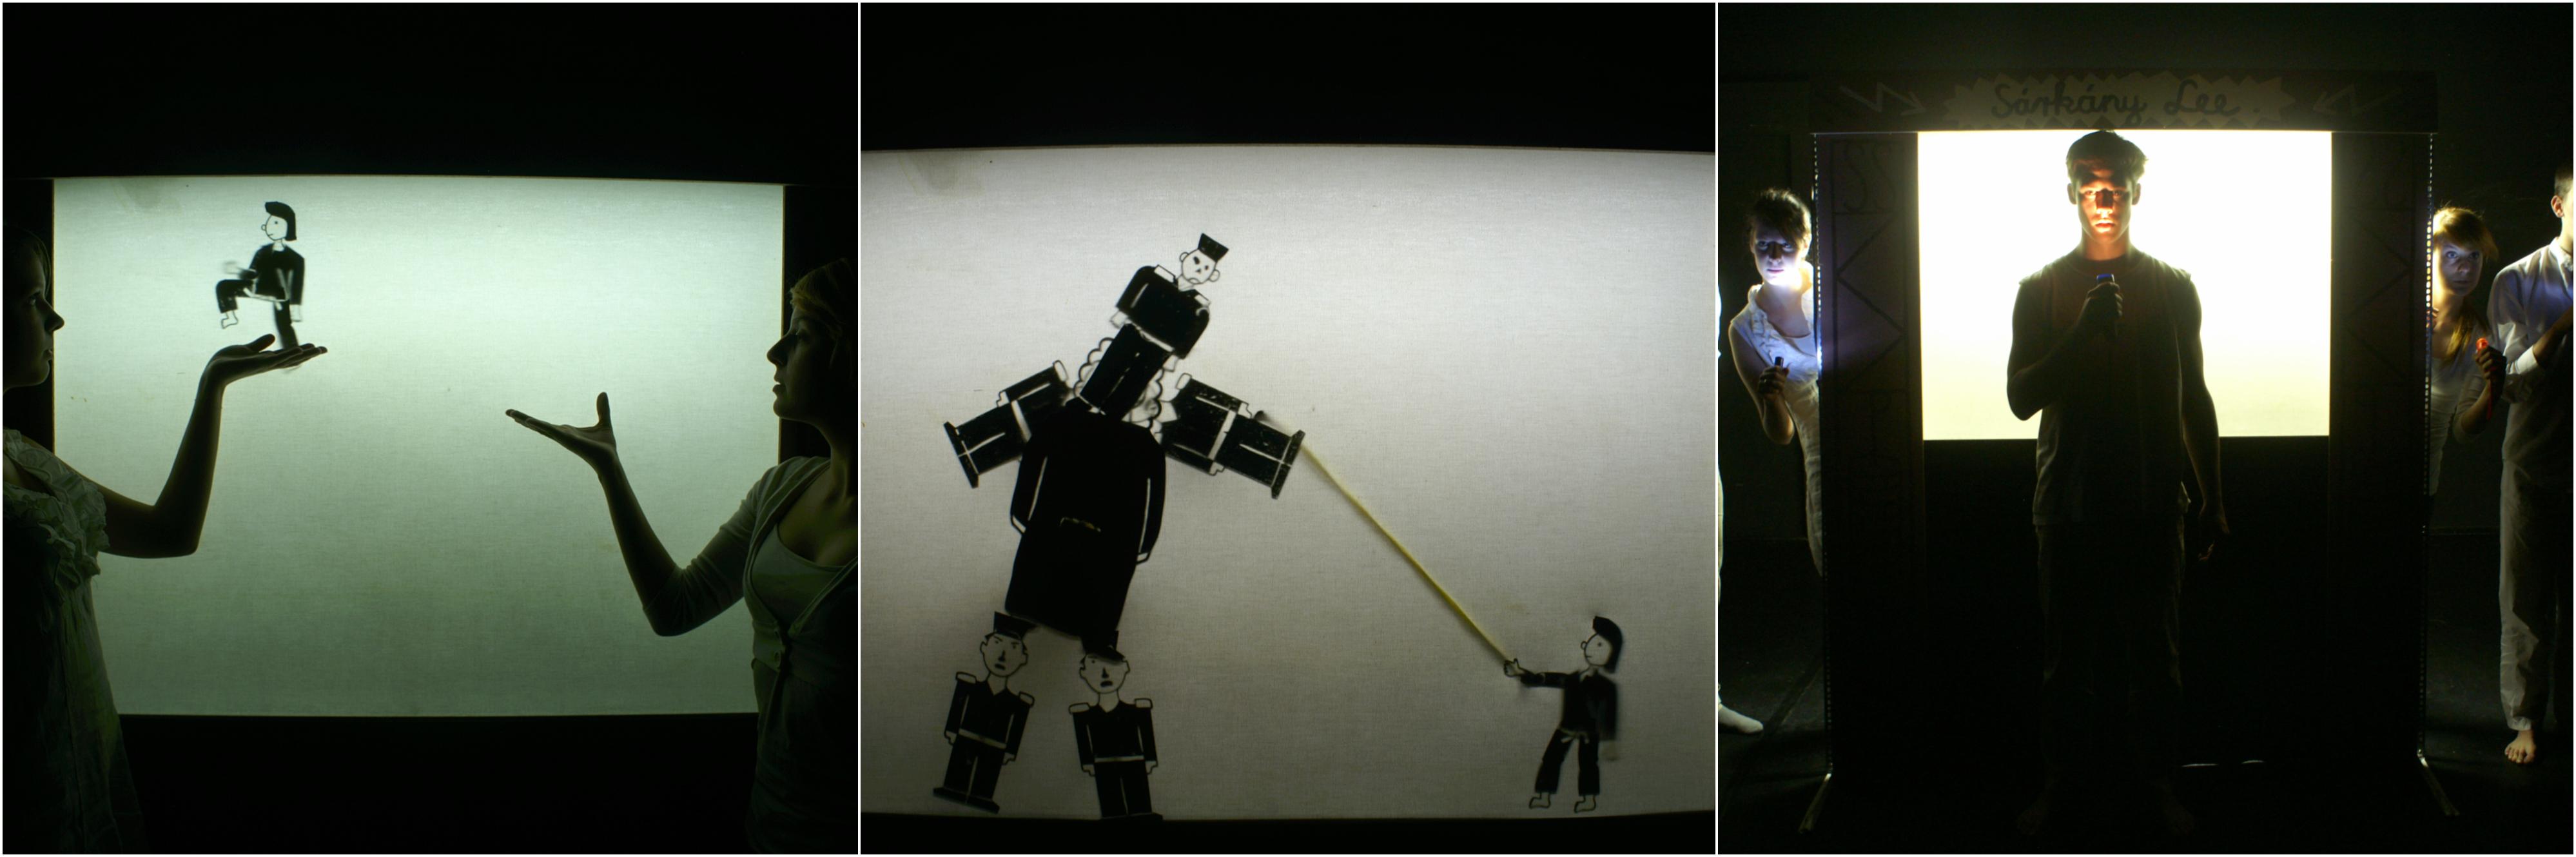 Sárkány Lee c. árnybábjáték. Alkotók: Gábor Sára (dramaturg), Lázár Helga (rendező), Kovács Budha Tamás és Tábori András (képzőművészek)